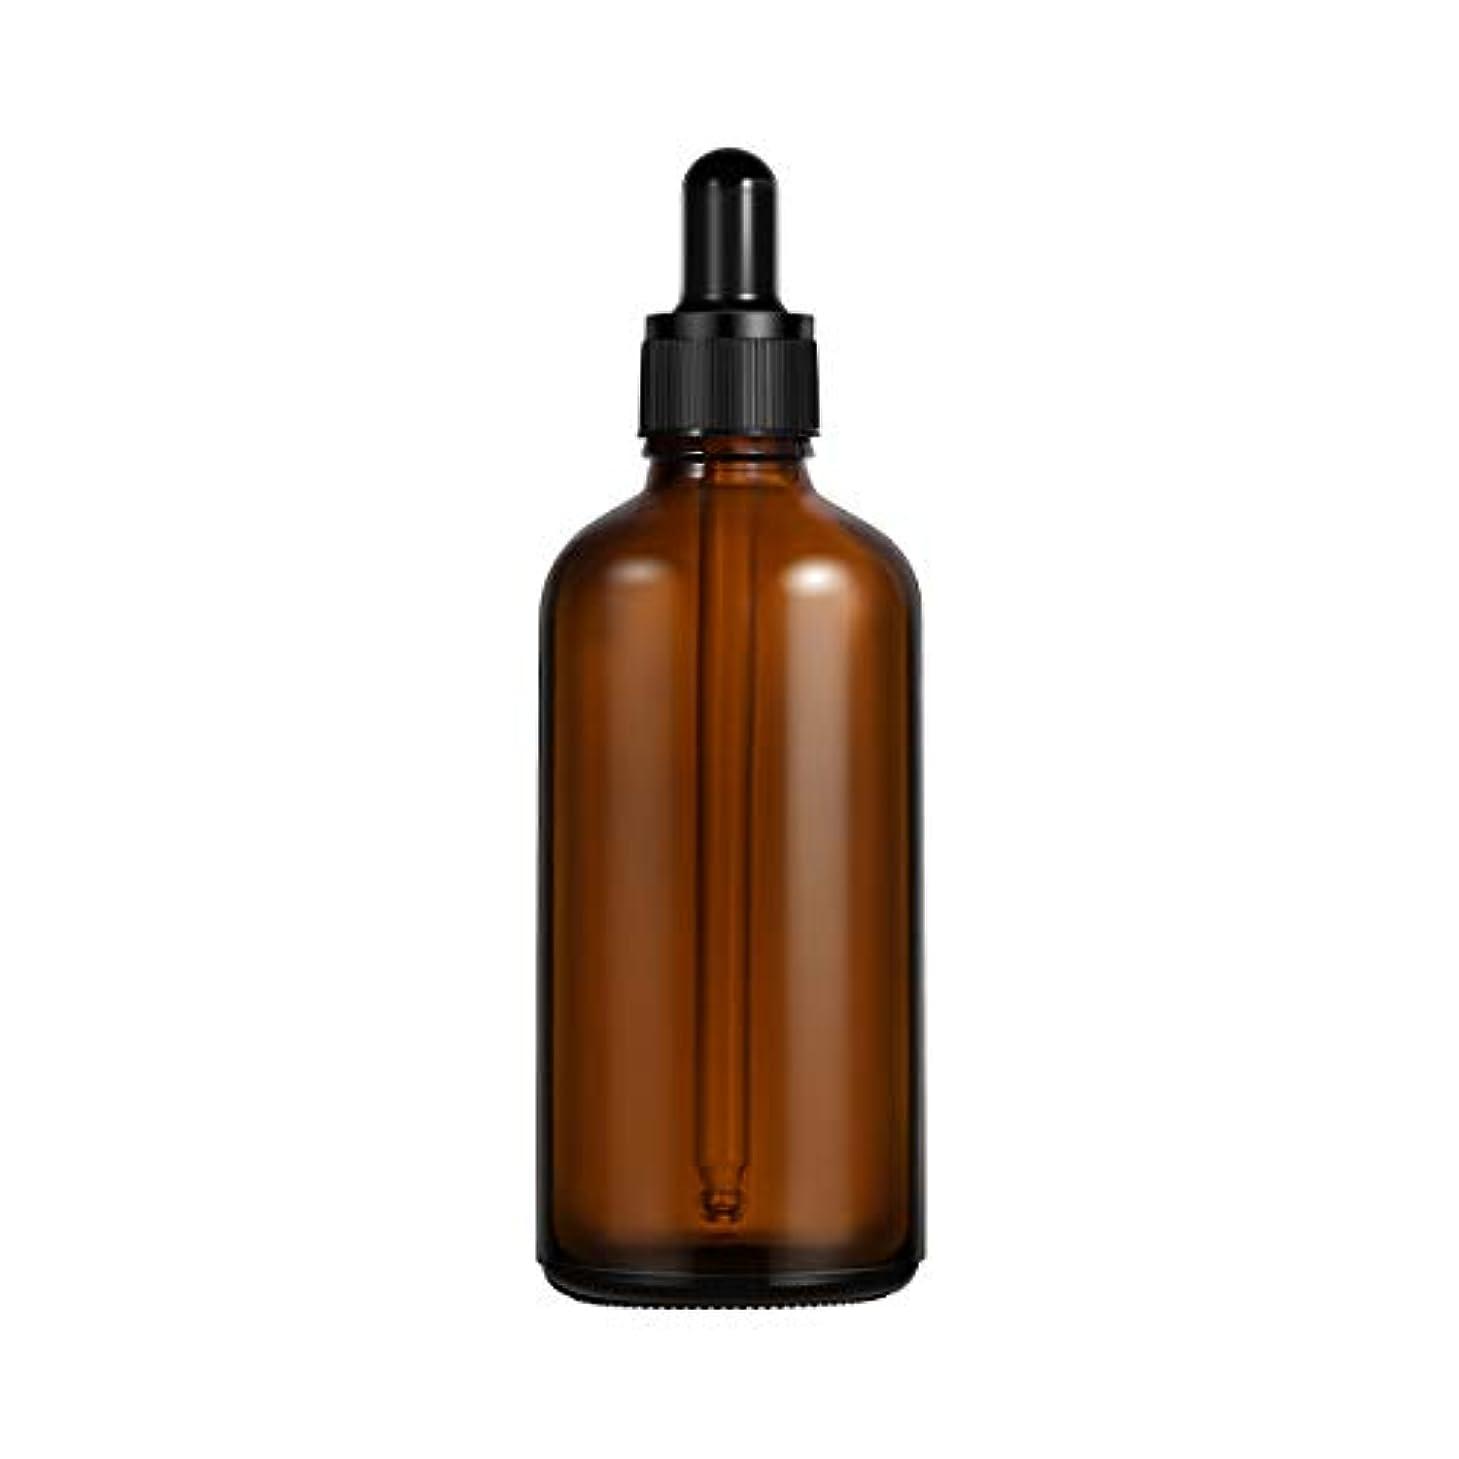 つかむ地球相談Frcolor 遮光瓶 スポイト遮光瓶 100ml スポイト付き ガラス製 アロマボトル 保存容器 エッセンシャルオイル 香水 保存/詰替え 2本入(茶色)